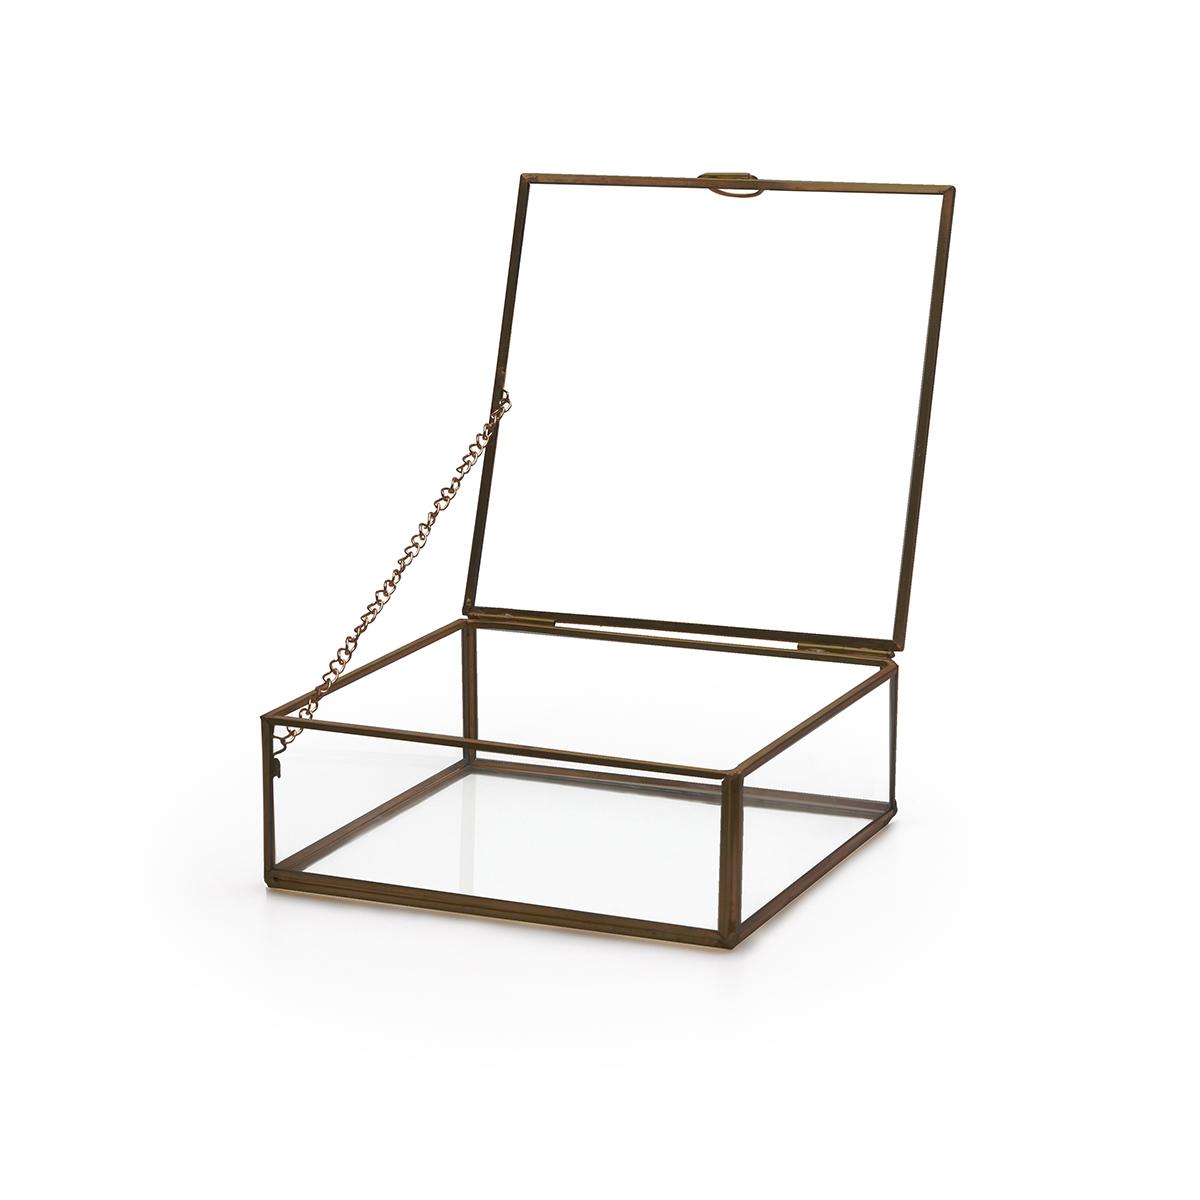 aja Deco Joyero Terrario Retro Metal Color Negro Laton Vidrio Cristal Transparente - Estilo Nórdico